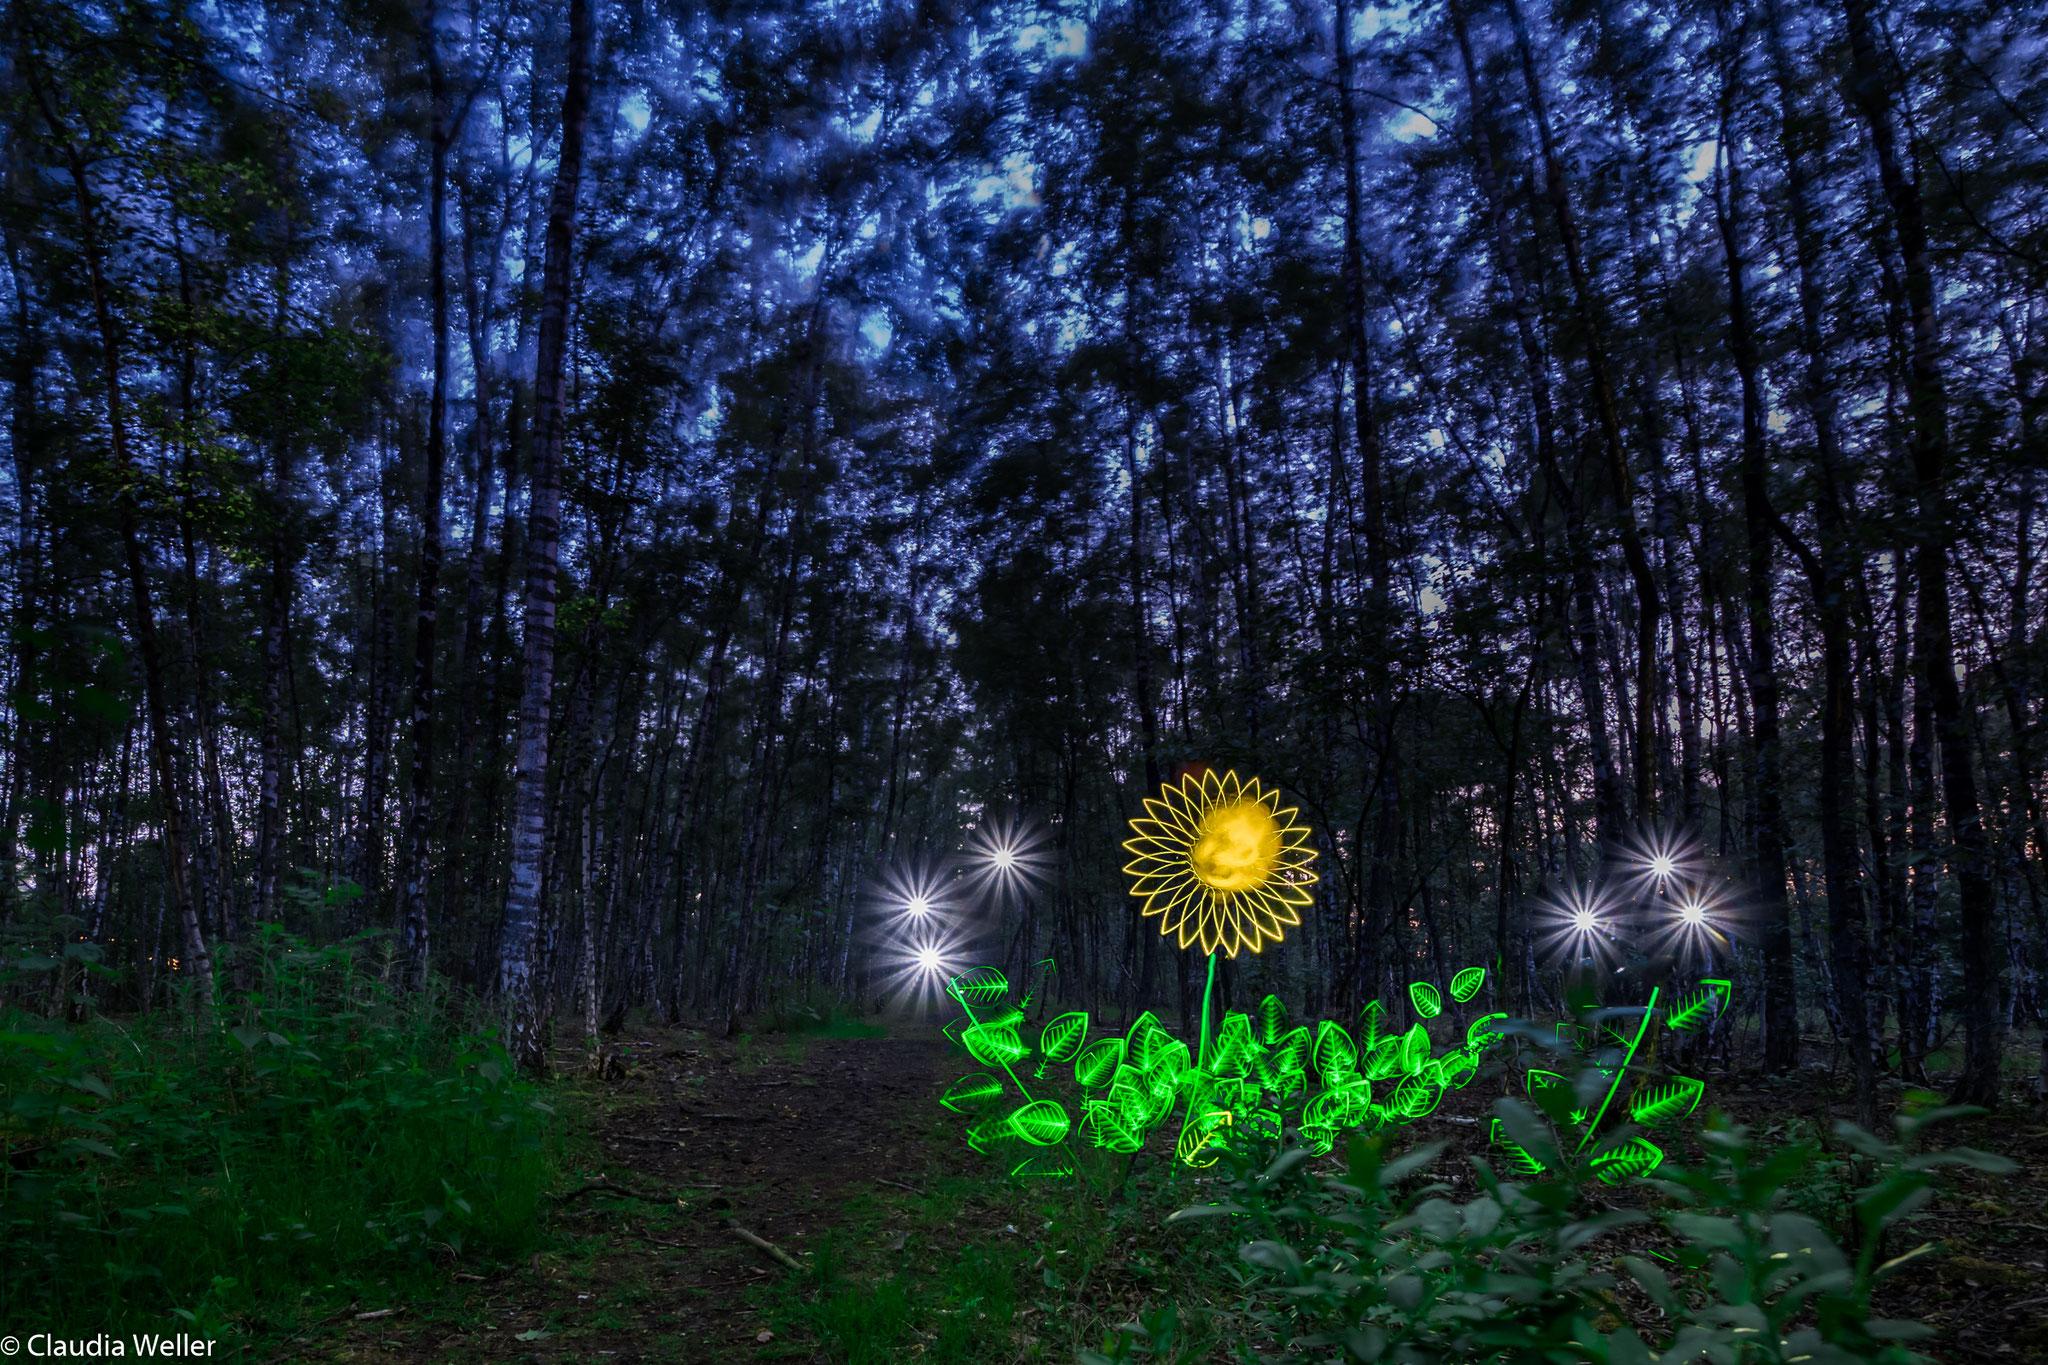 Margerite-Lichtblömke